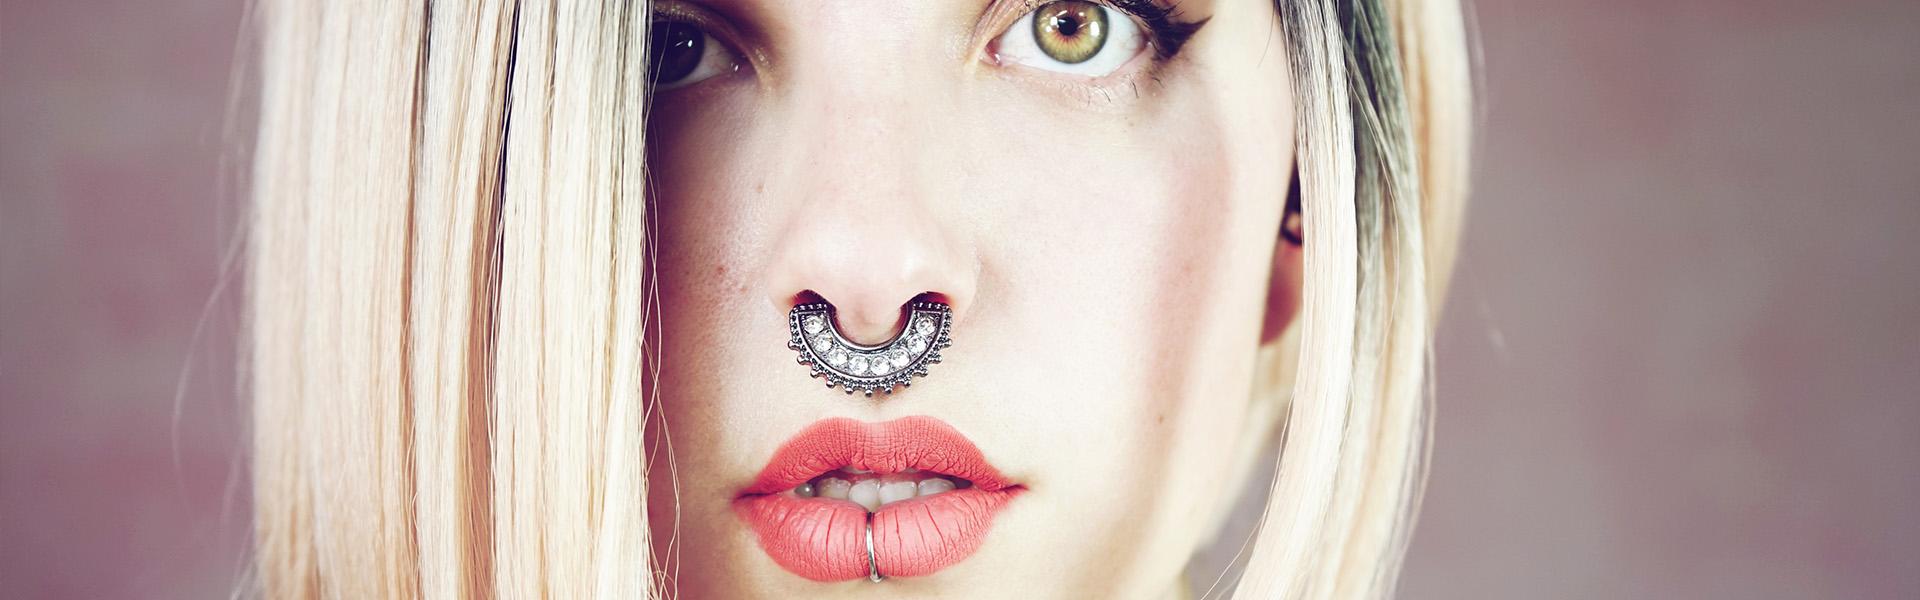 Nieuwe Piercing Trends